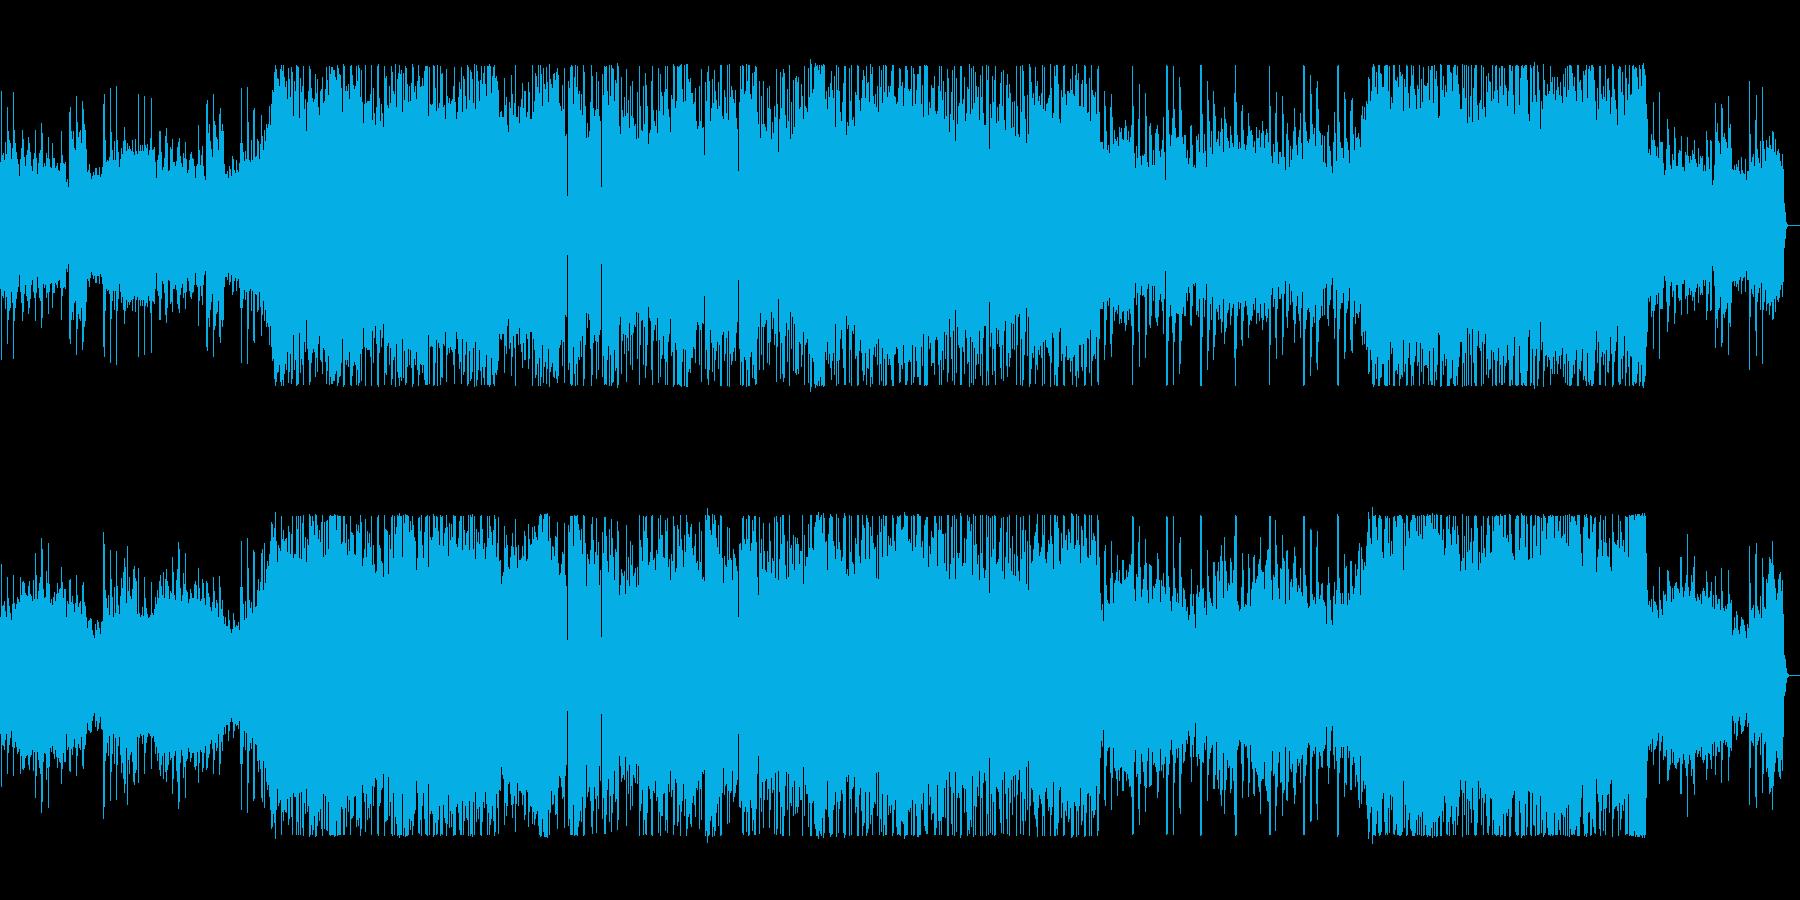 疾走感とワクワク感のシンセギターサウンドの再生済みの波形